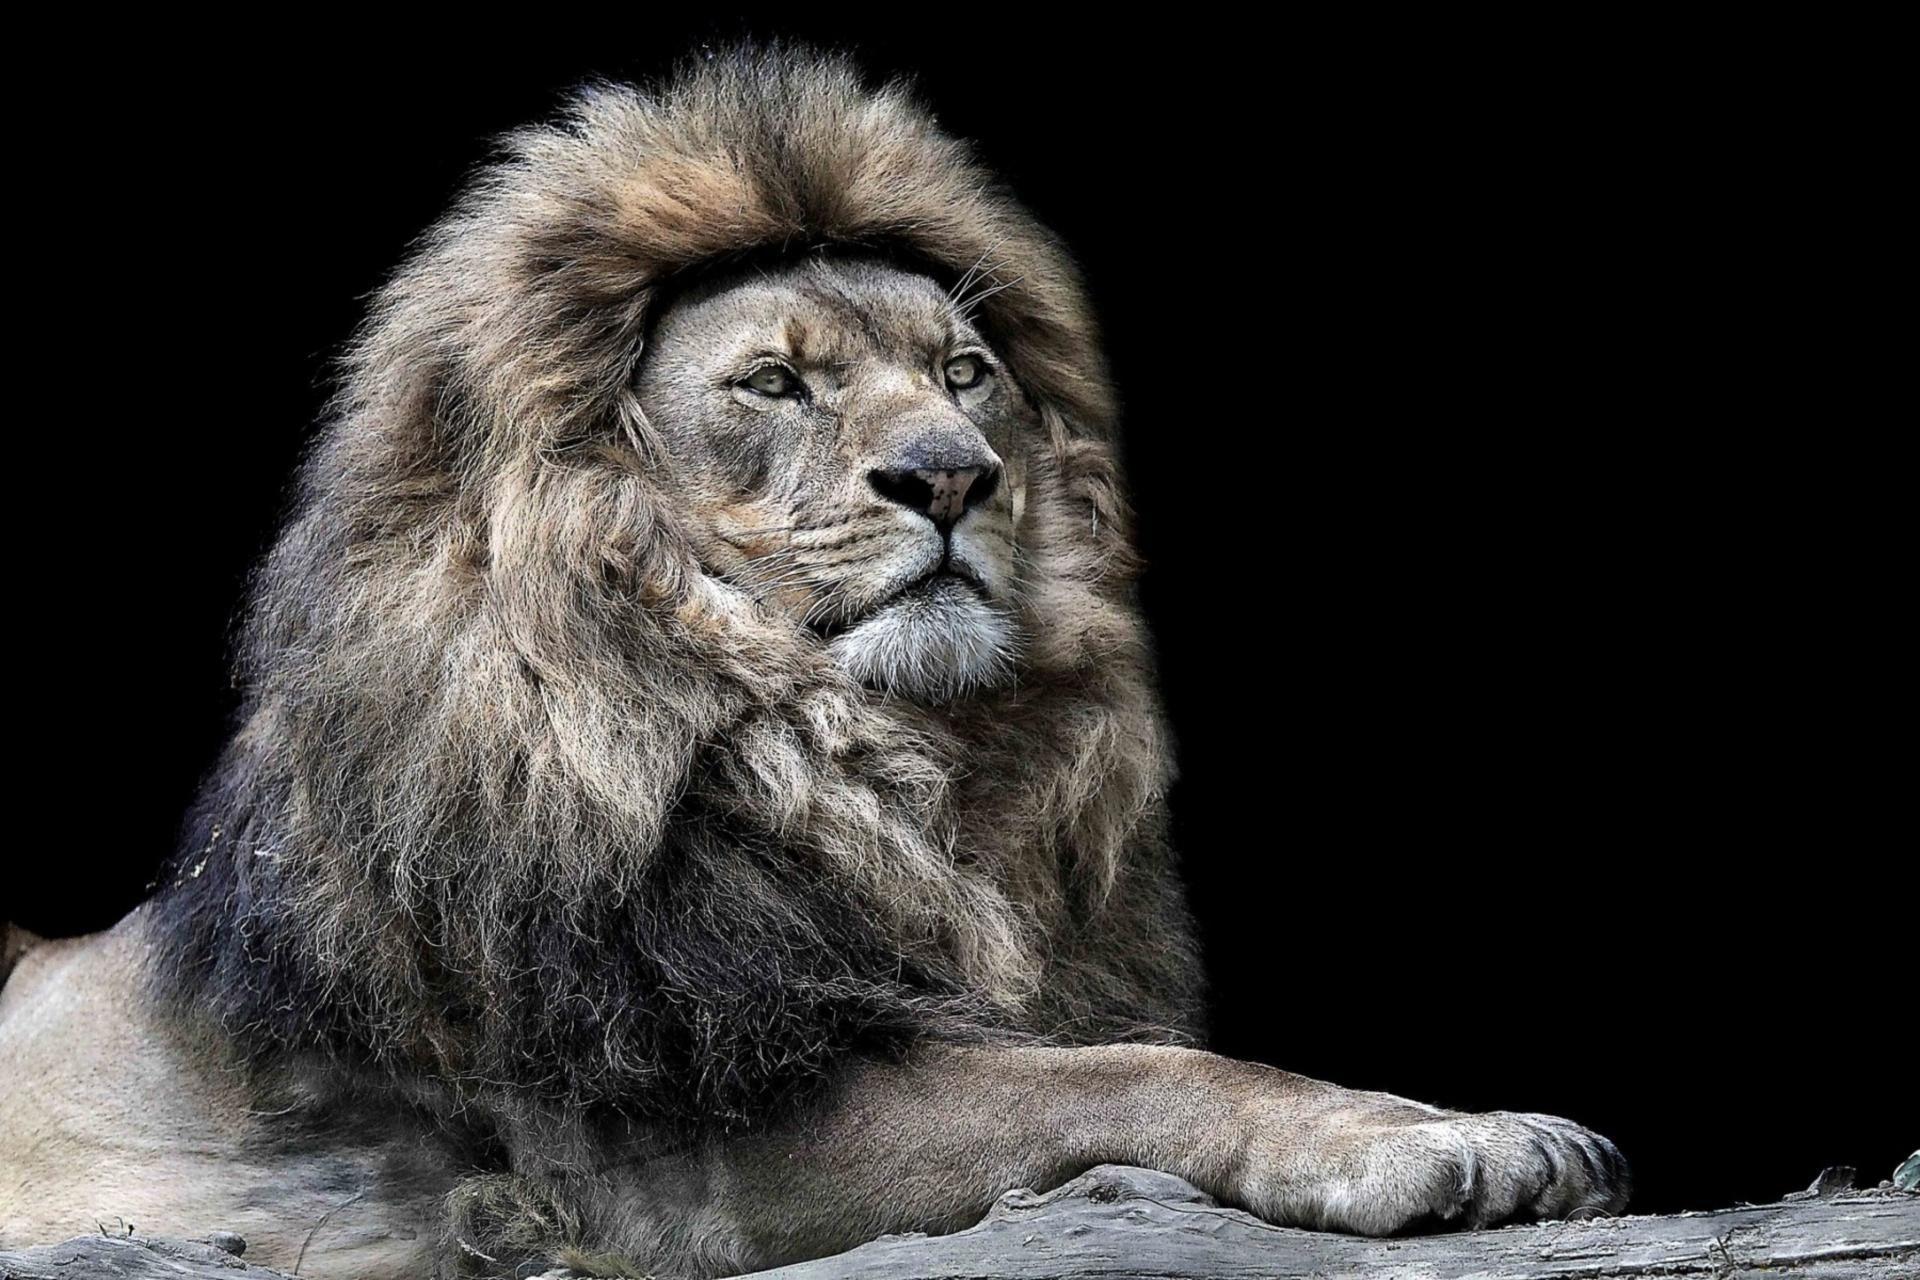 lion wallpapers, desktop wallpaper » GoodWP.com